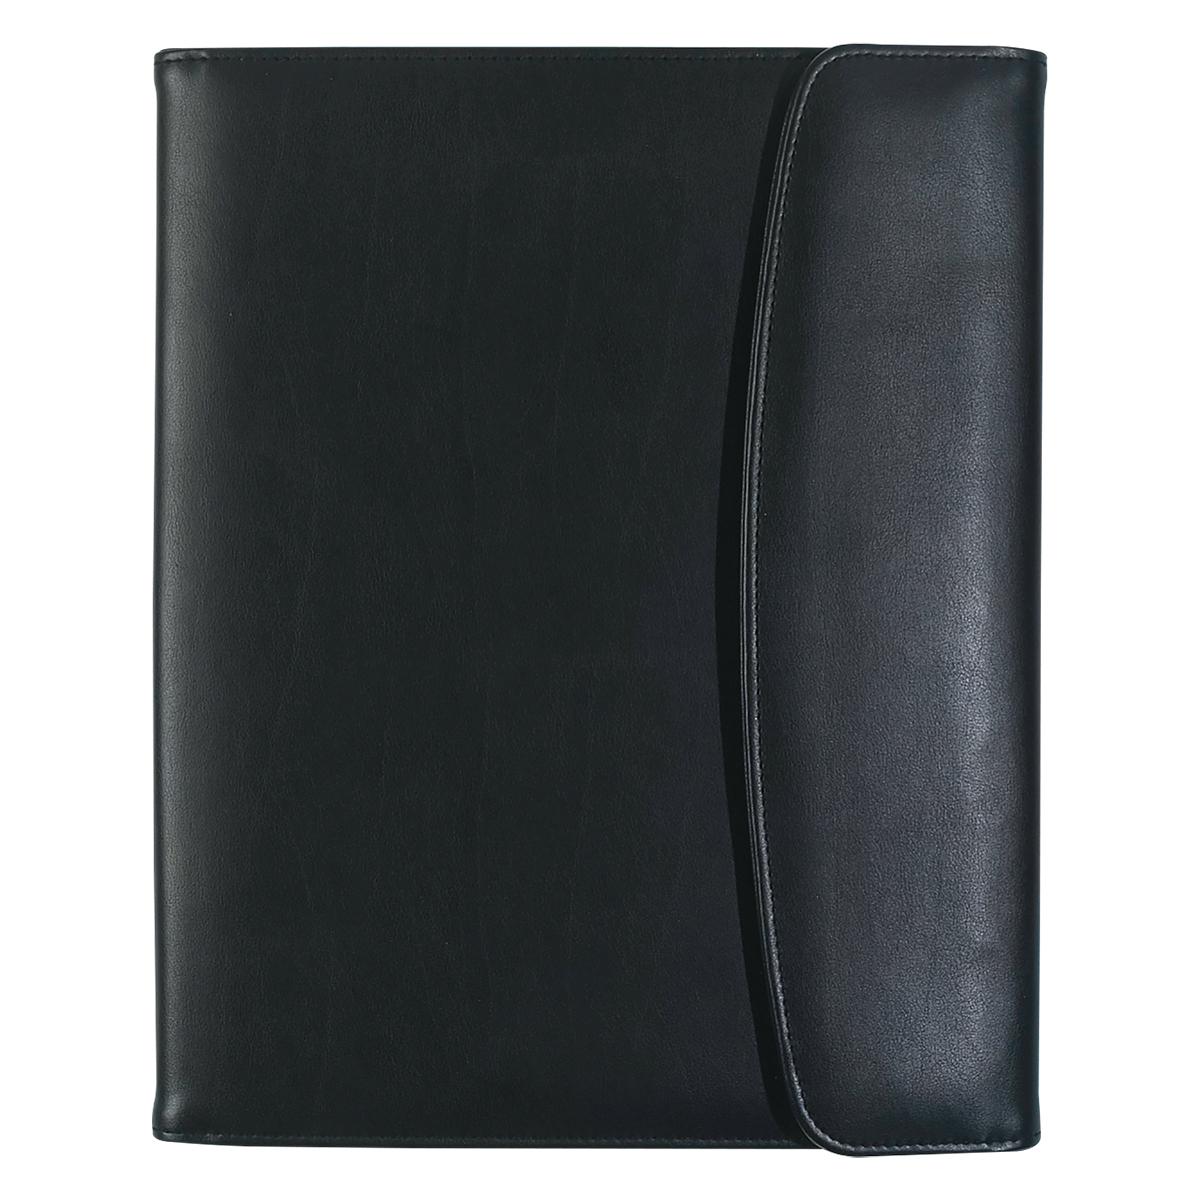 6404 - Portadocumentos Cubierto de Curpiel de PU con Bloc de Notas y Tarjetero